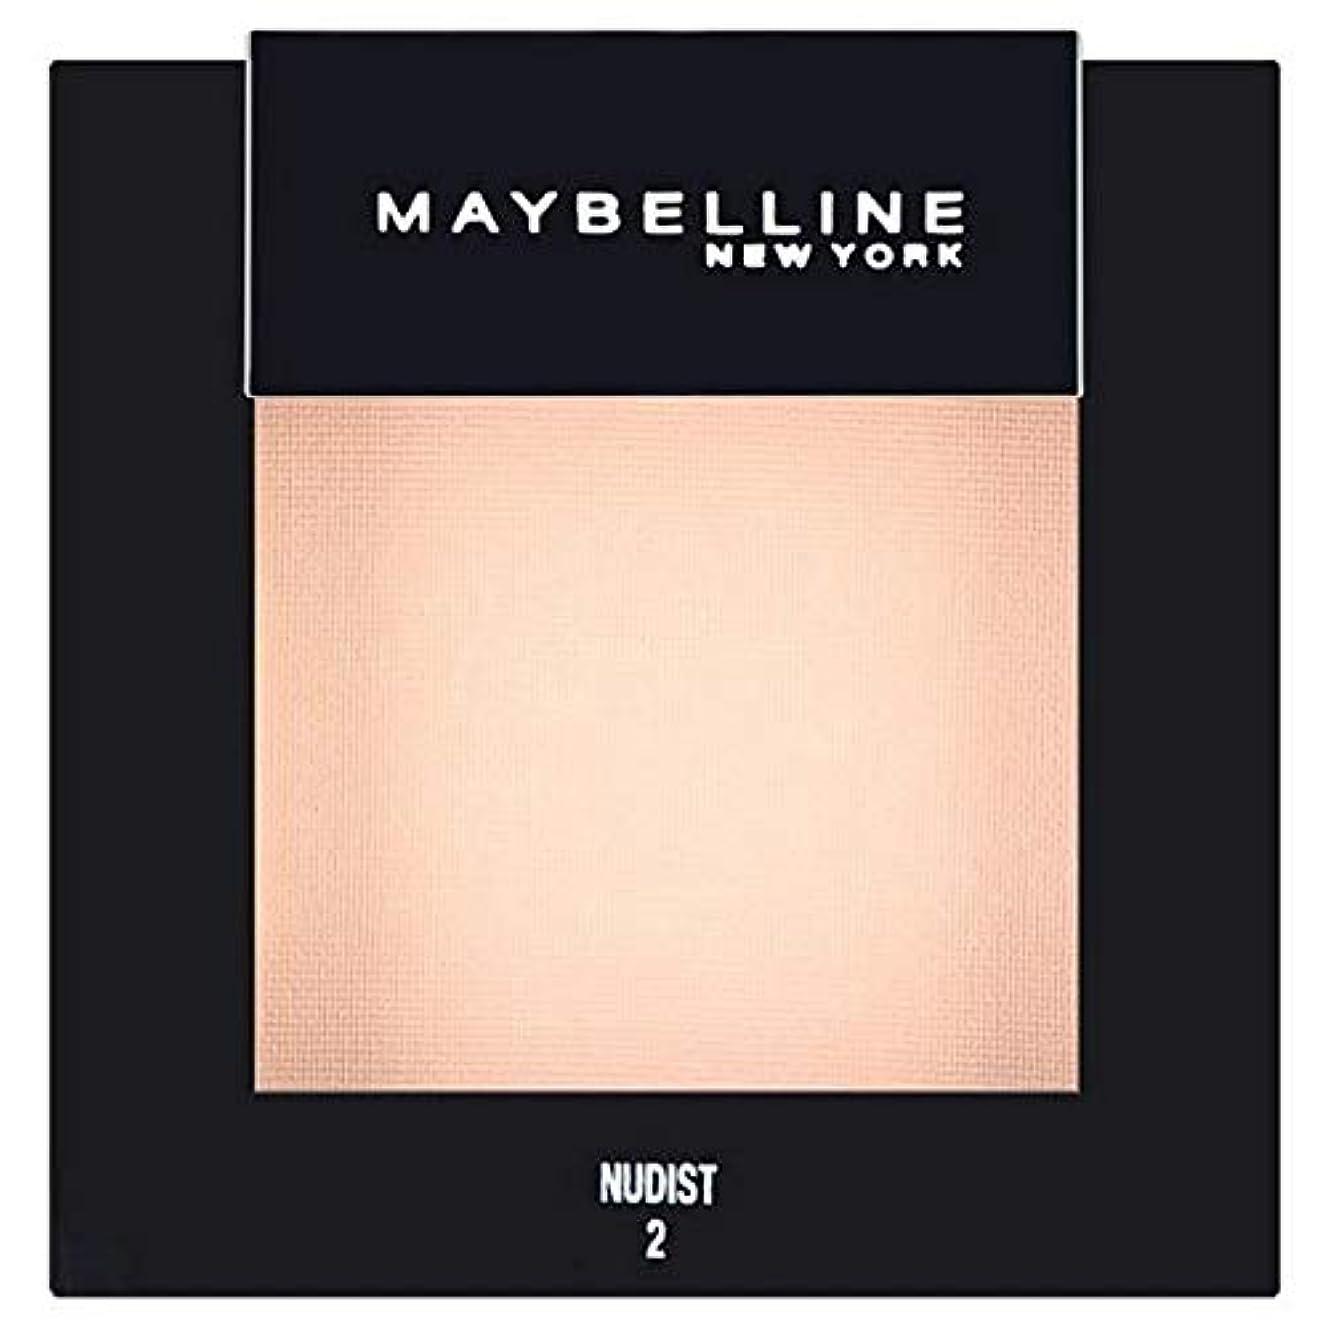 ソーシャル固めるエコー[Maybelline ] メイベリンカラーショーシングルアイシャドウ02ヌーディスト - Maybelline Color Show Single Eyeshadow 02 Nudist [並行輸入品]